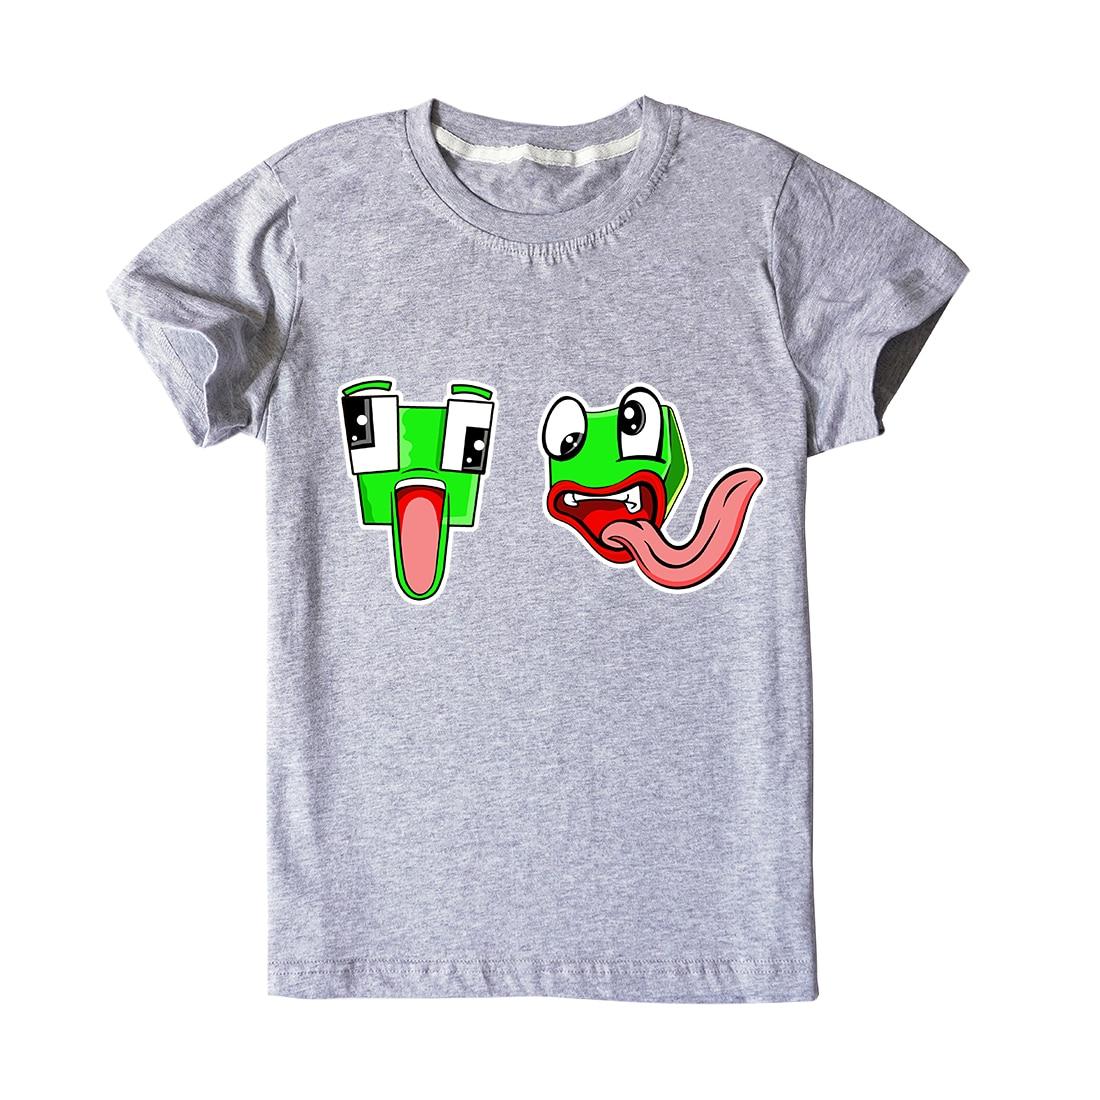 Nueva novedad, Camiseta de verano para niños, estilo de dibujos animados, Camiseta para bebés y niños, Camiseta para niñas de 10 años